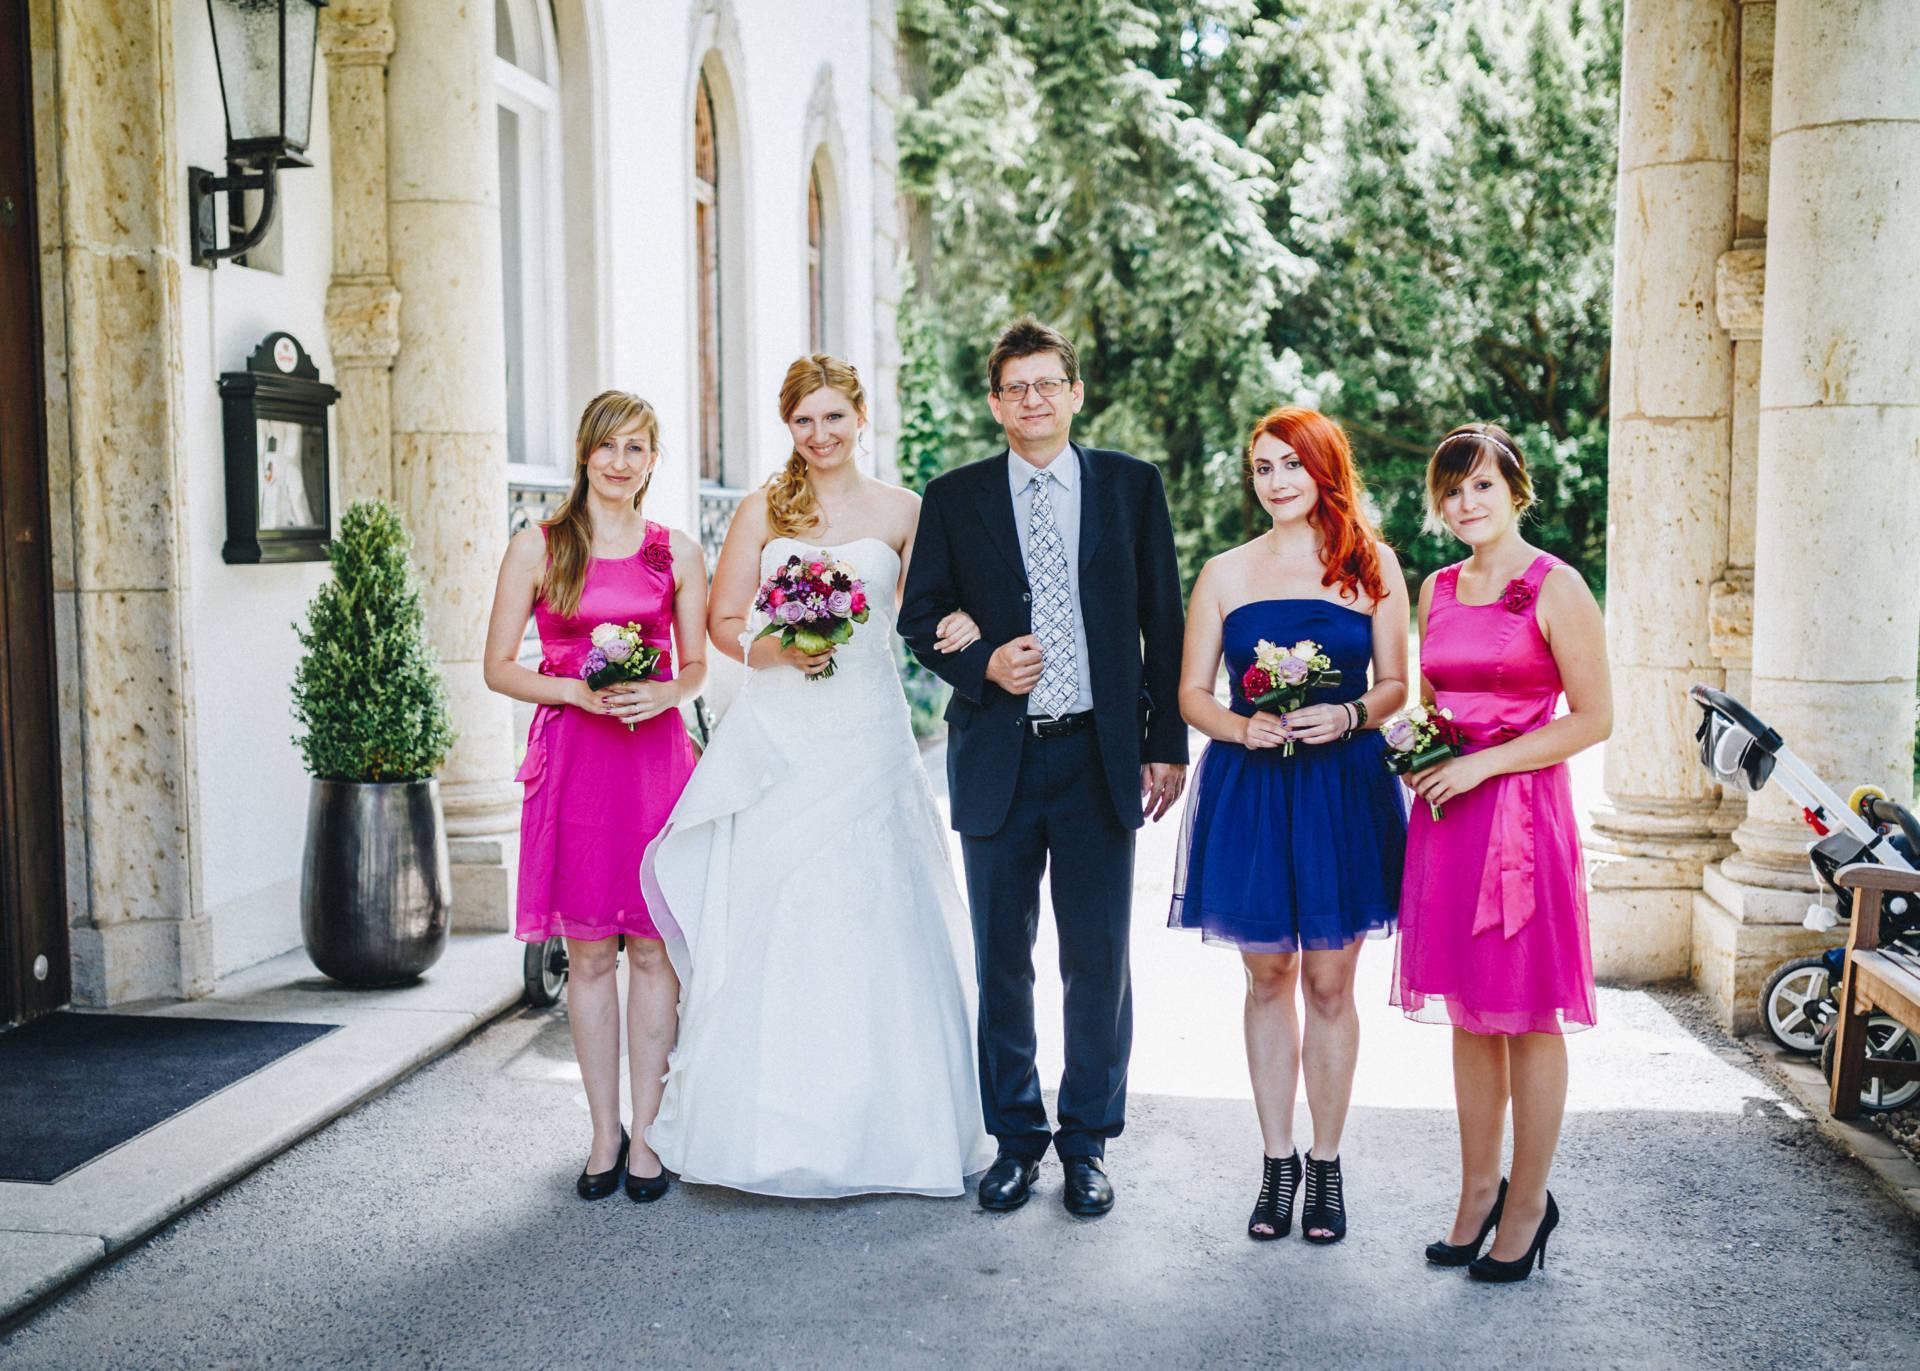 50mmfreunde Hochzeit Poesneck VillaAltenburg 01 - Freie Trauung in der Villa Altenburg